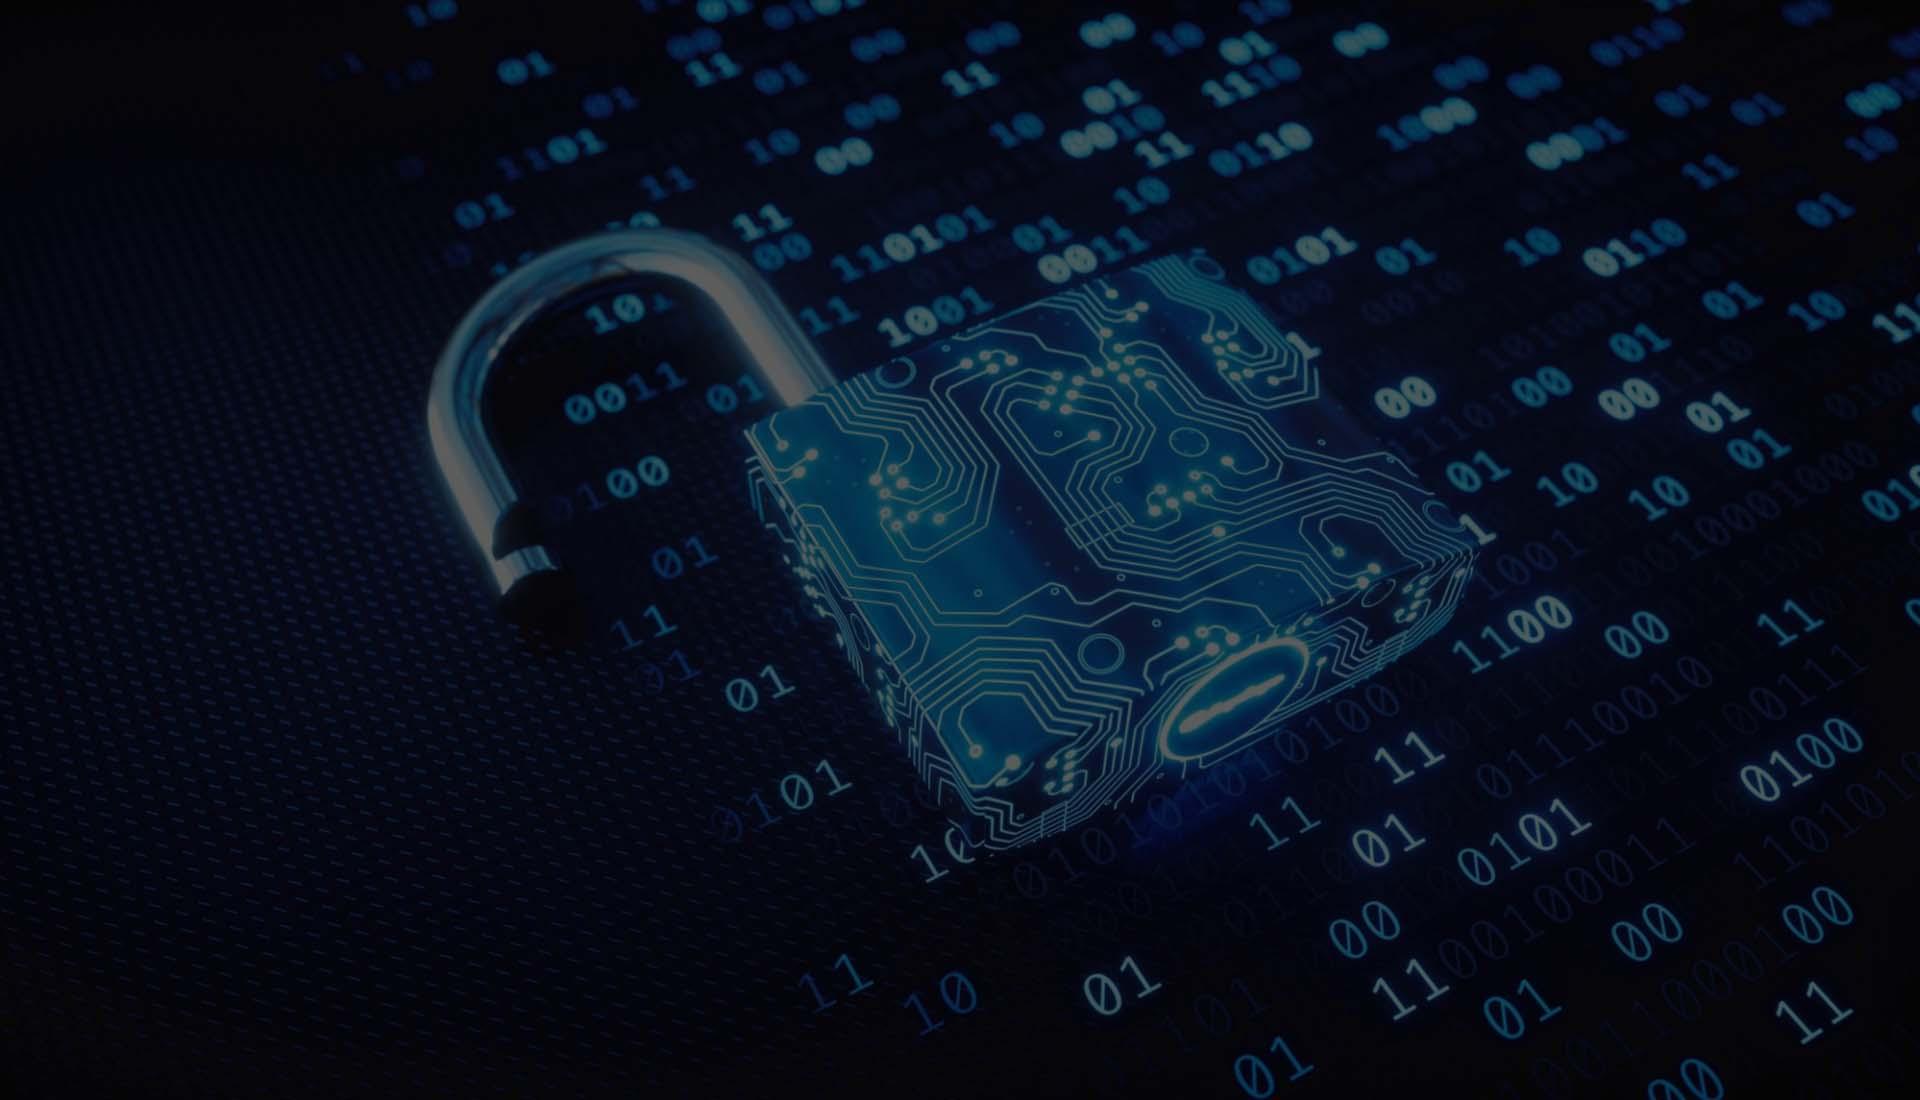 Siber hijyen kurallarını uygulayarak Siber güvenliğinizi büyük oranda sağlayabilirsiniz